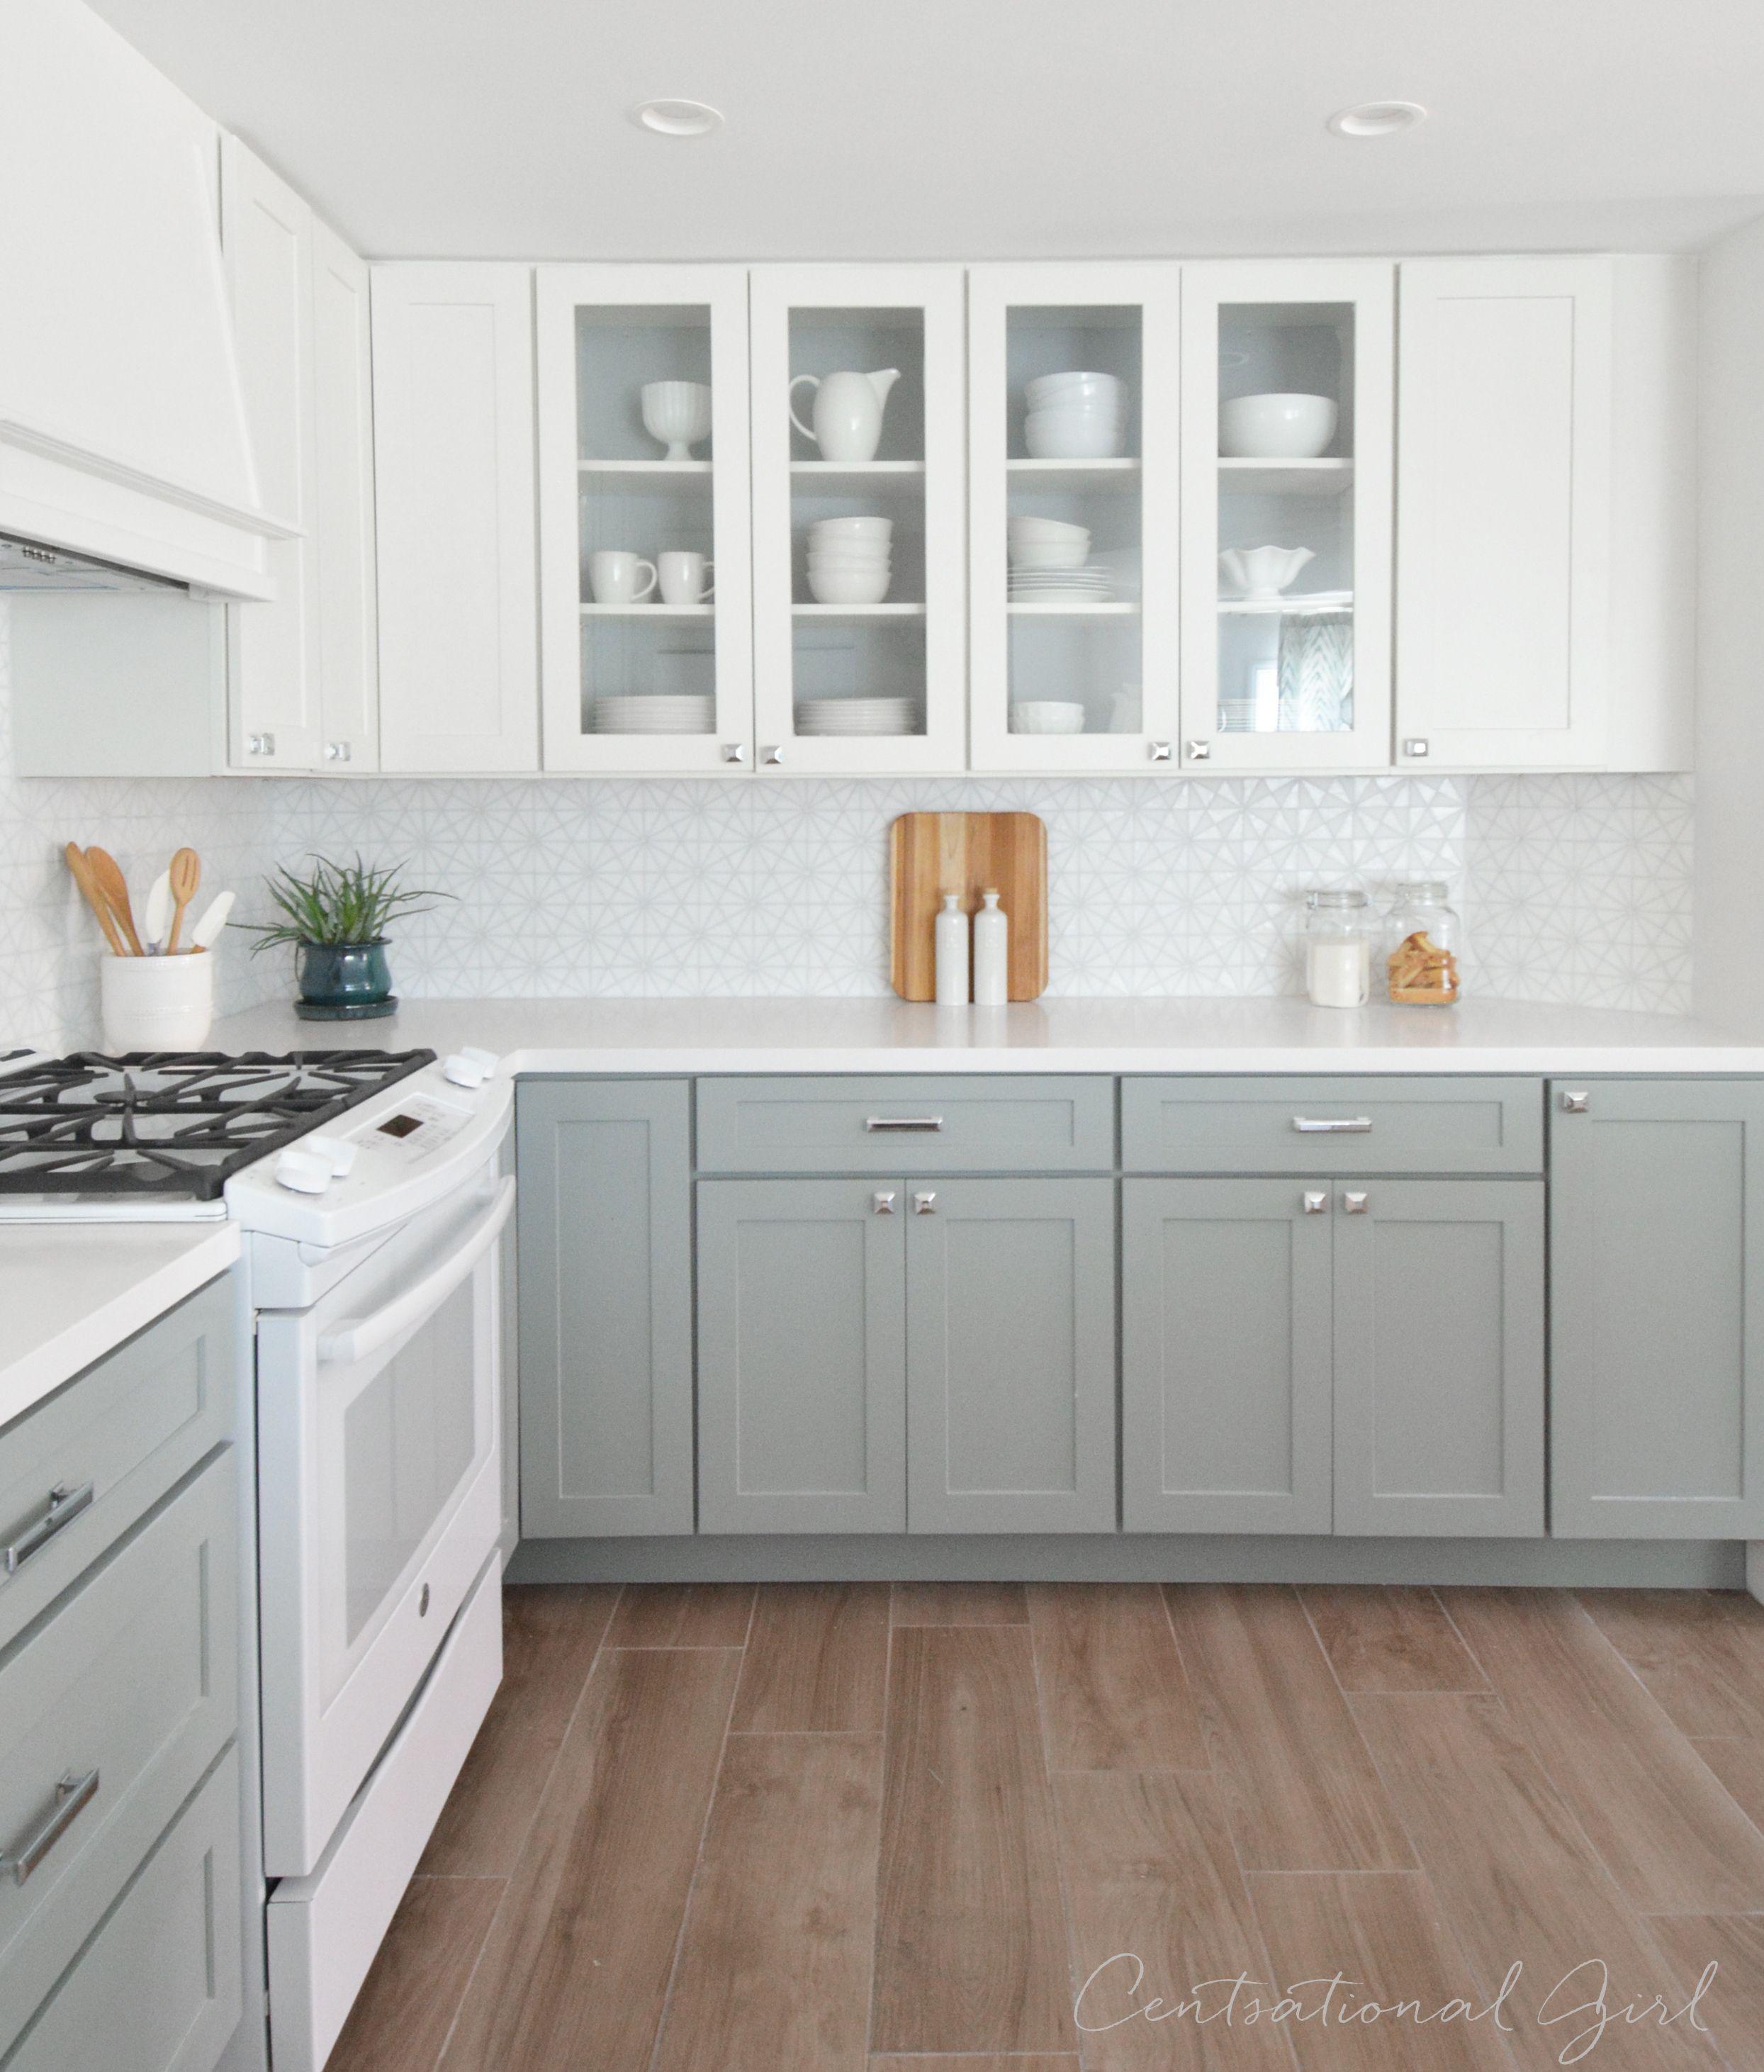 Kitchen Remodel Kitchen design, Gray, white kitchen, New